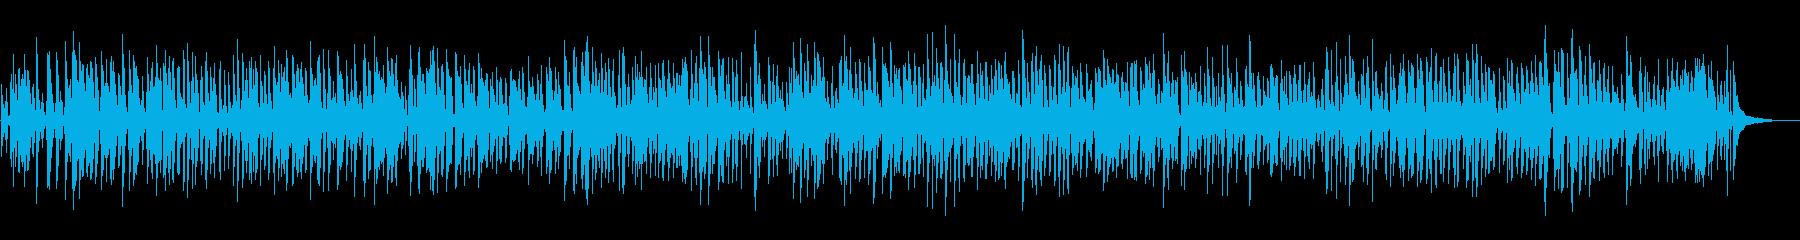 おしゃれなソフトジャズピアノトリオの再生済みの波形